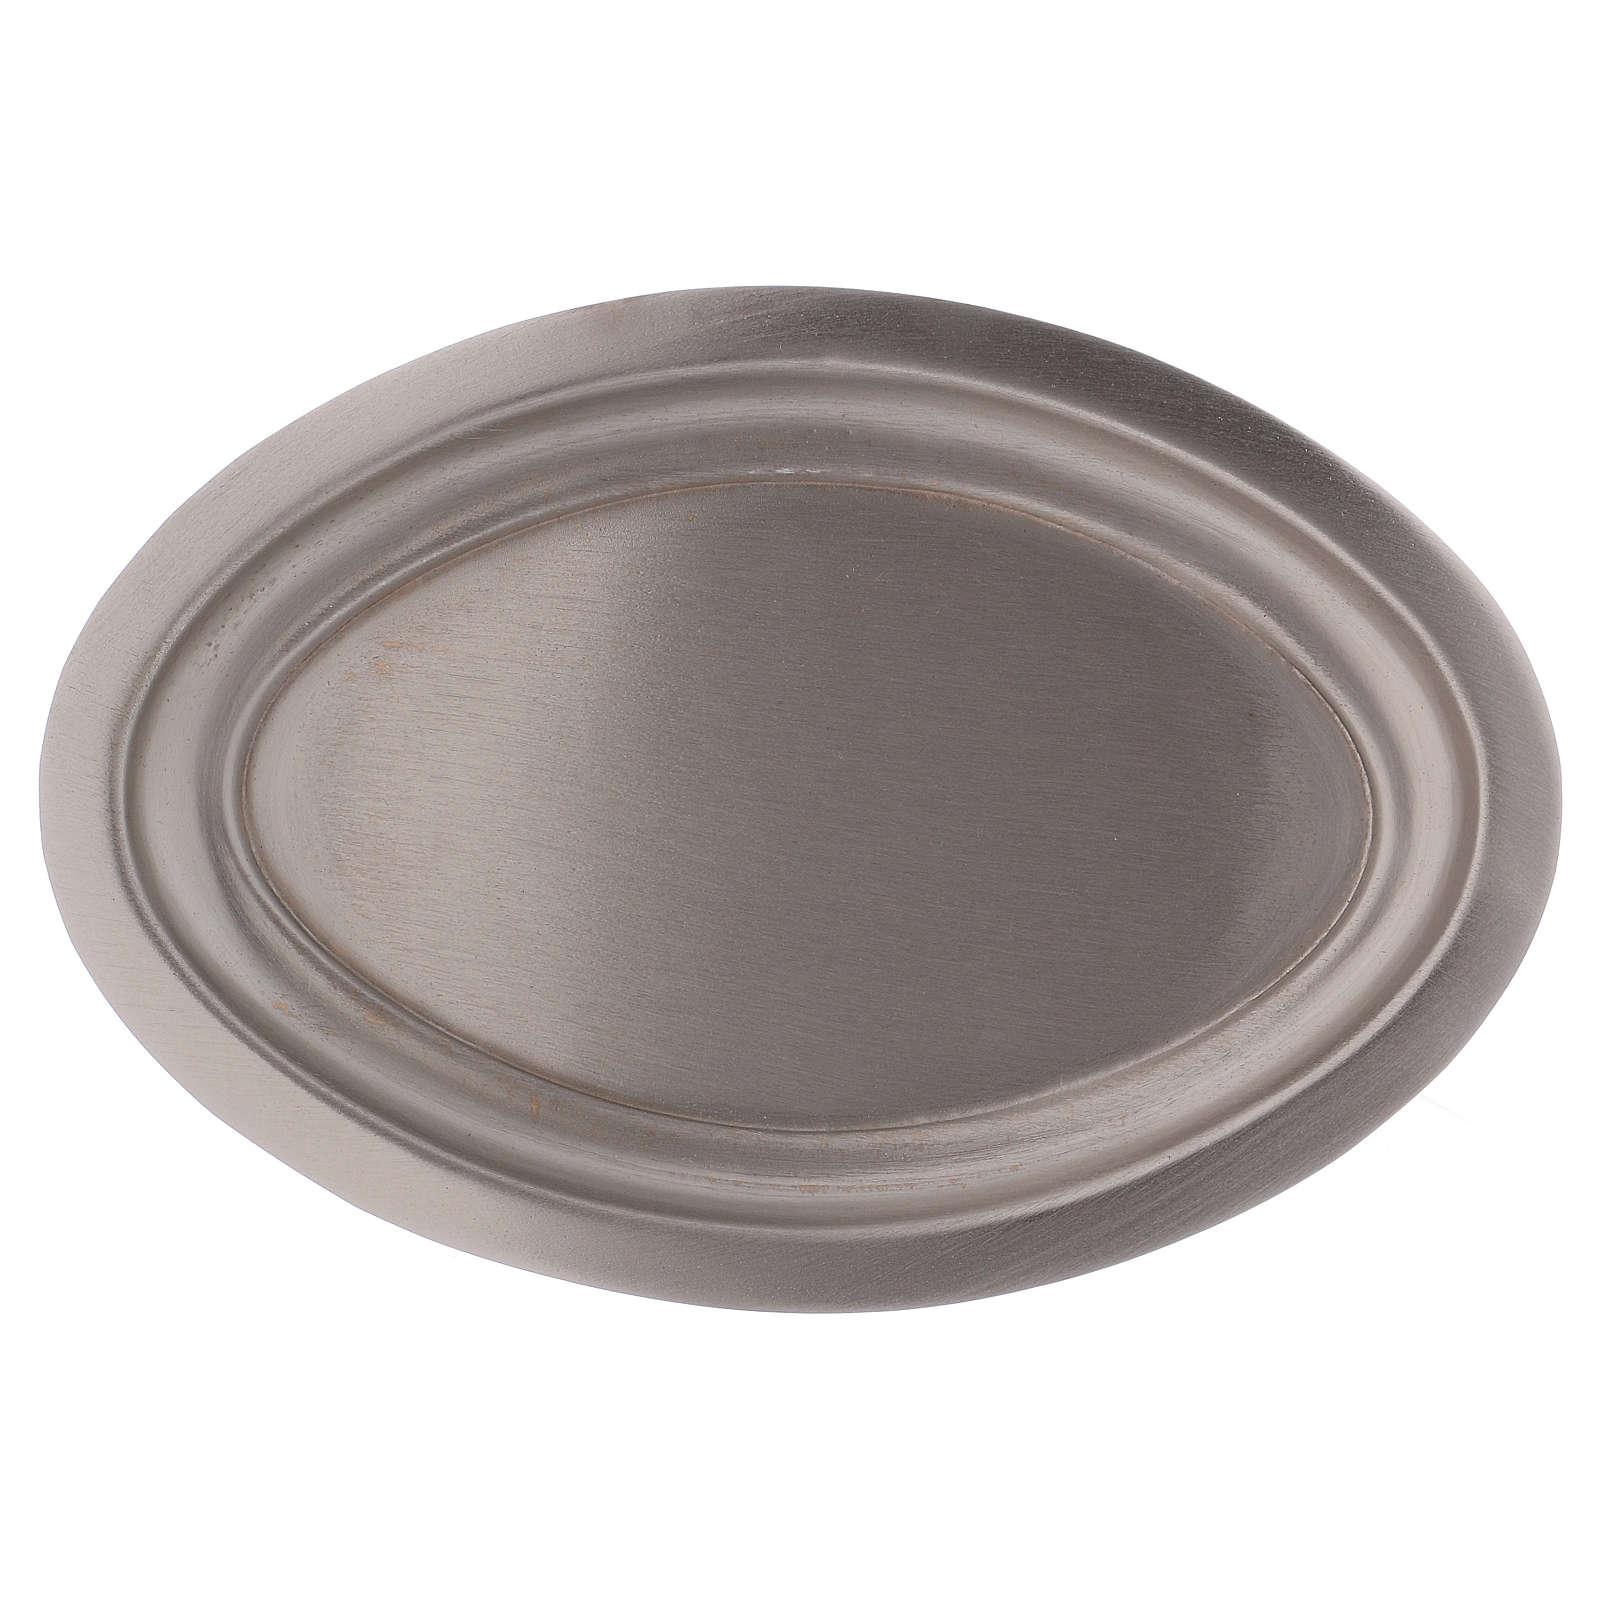 Piatto portacandele ovale in ottone argentato 16x9,5  3